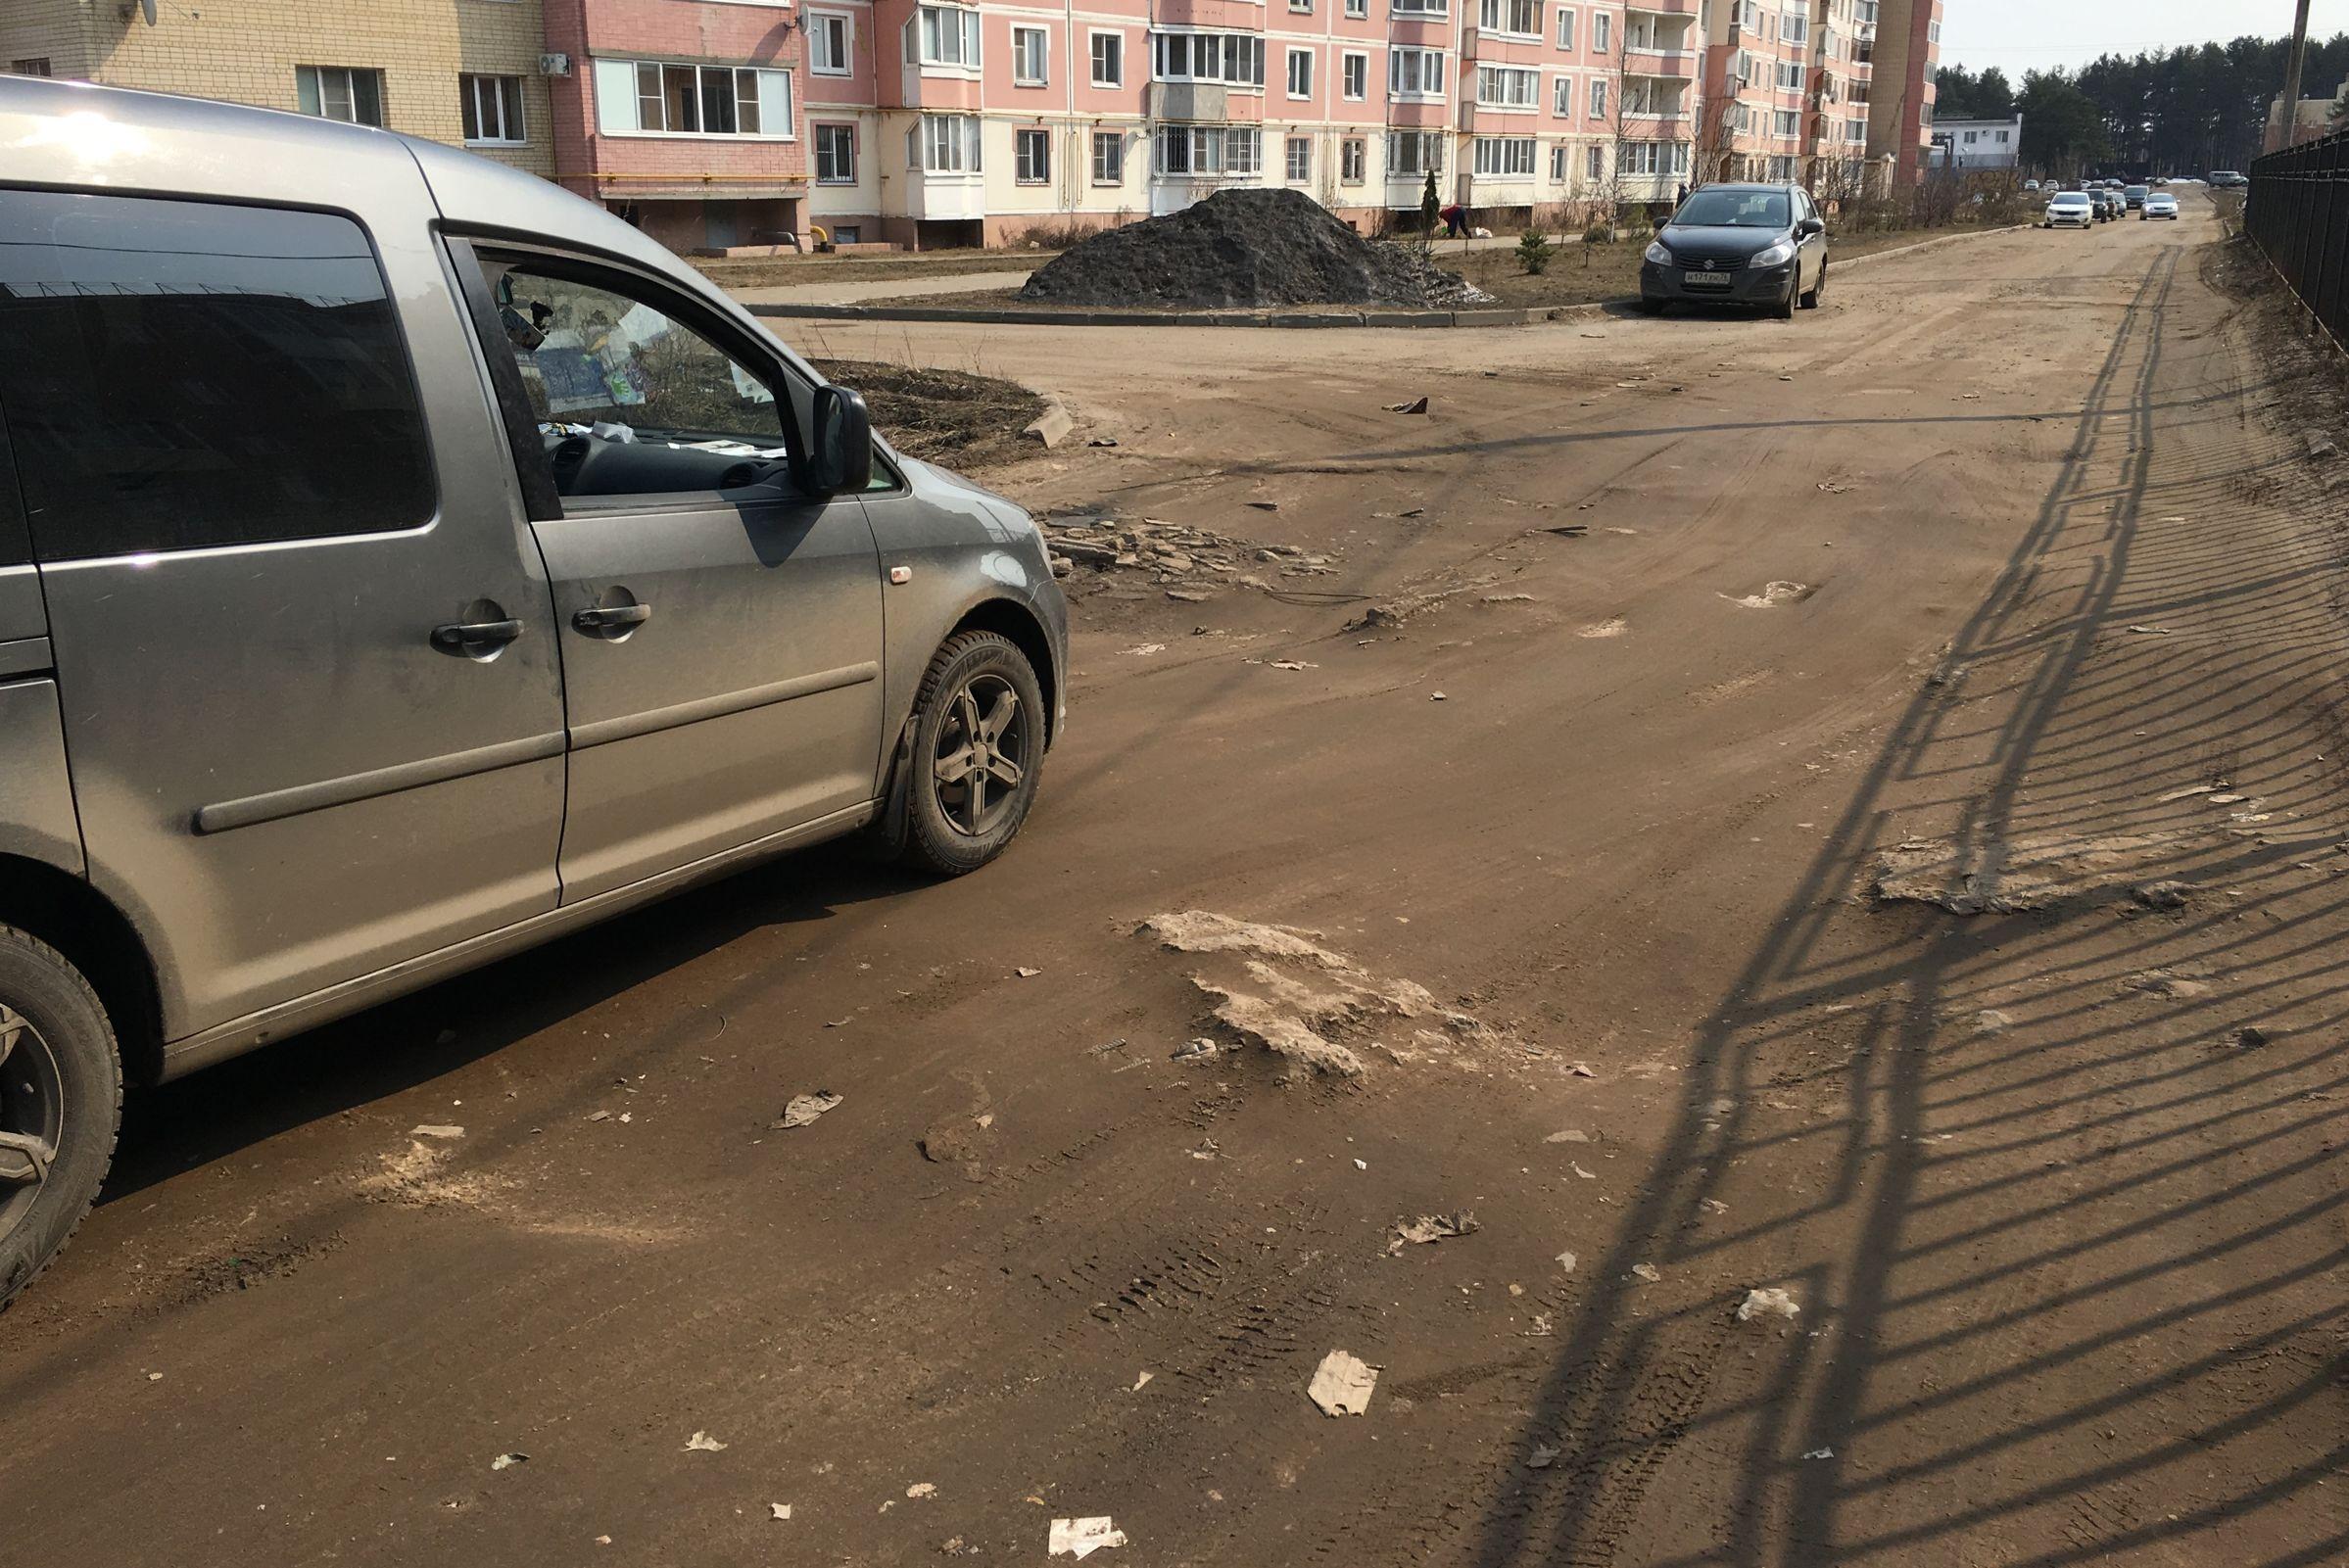 Ярославские общественники требуют обеспечить доступ к жилым домам в поселке Красный Бор